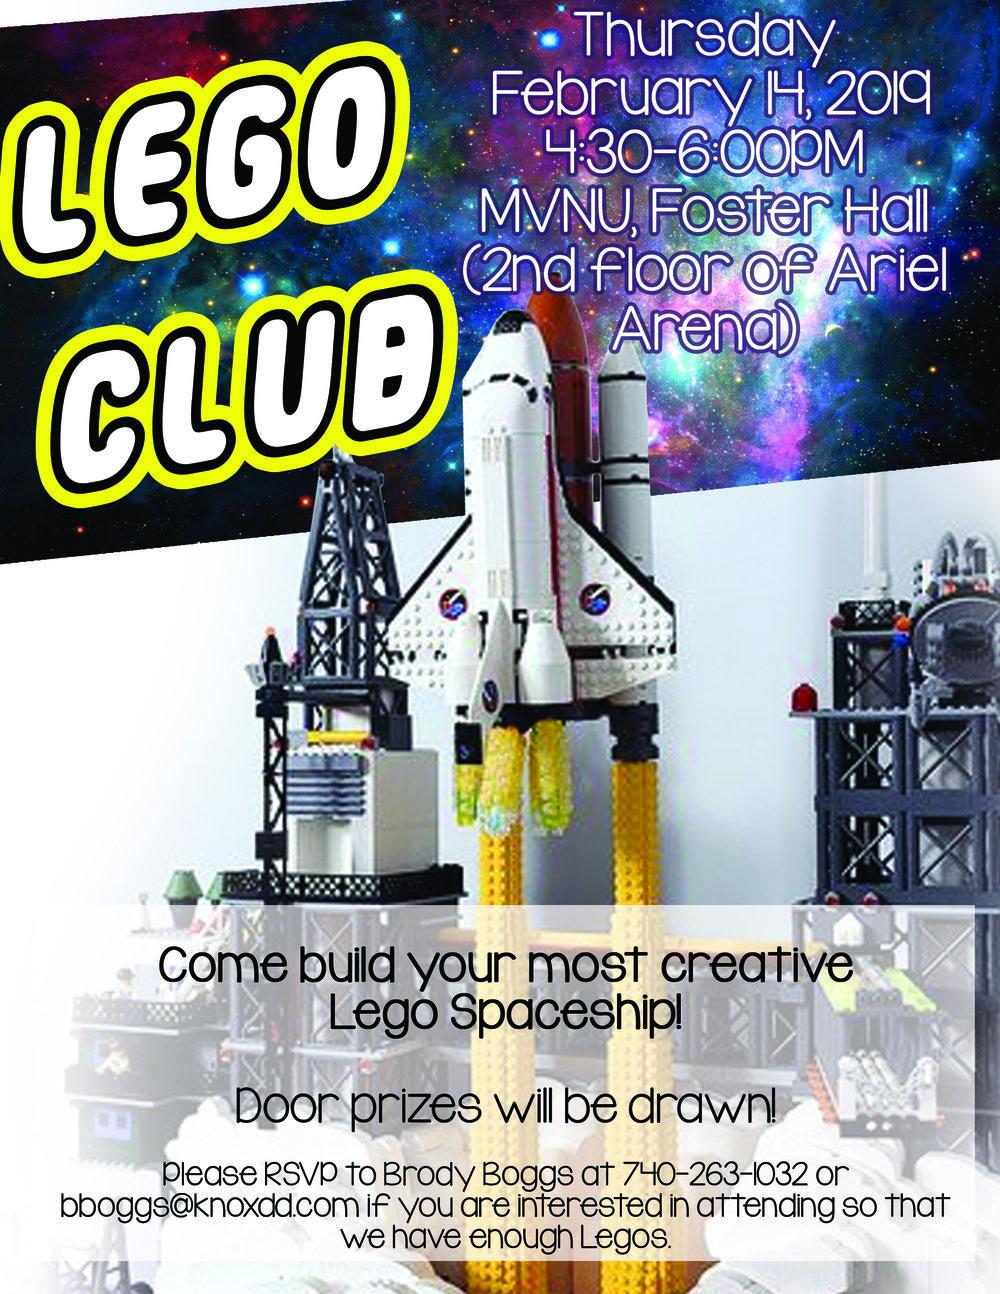 Lego Club flyer Feb 14.jpg